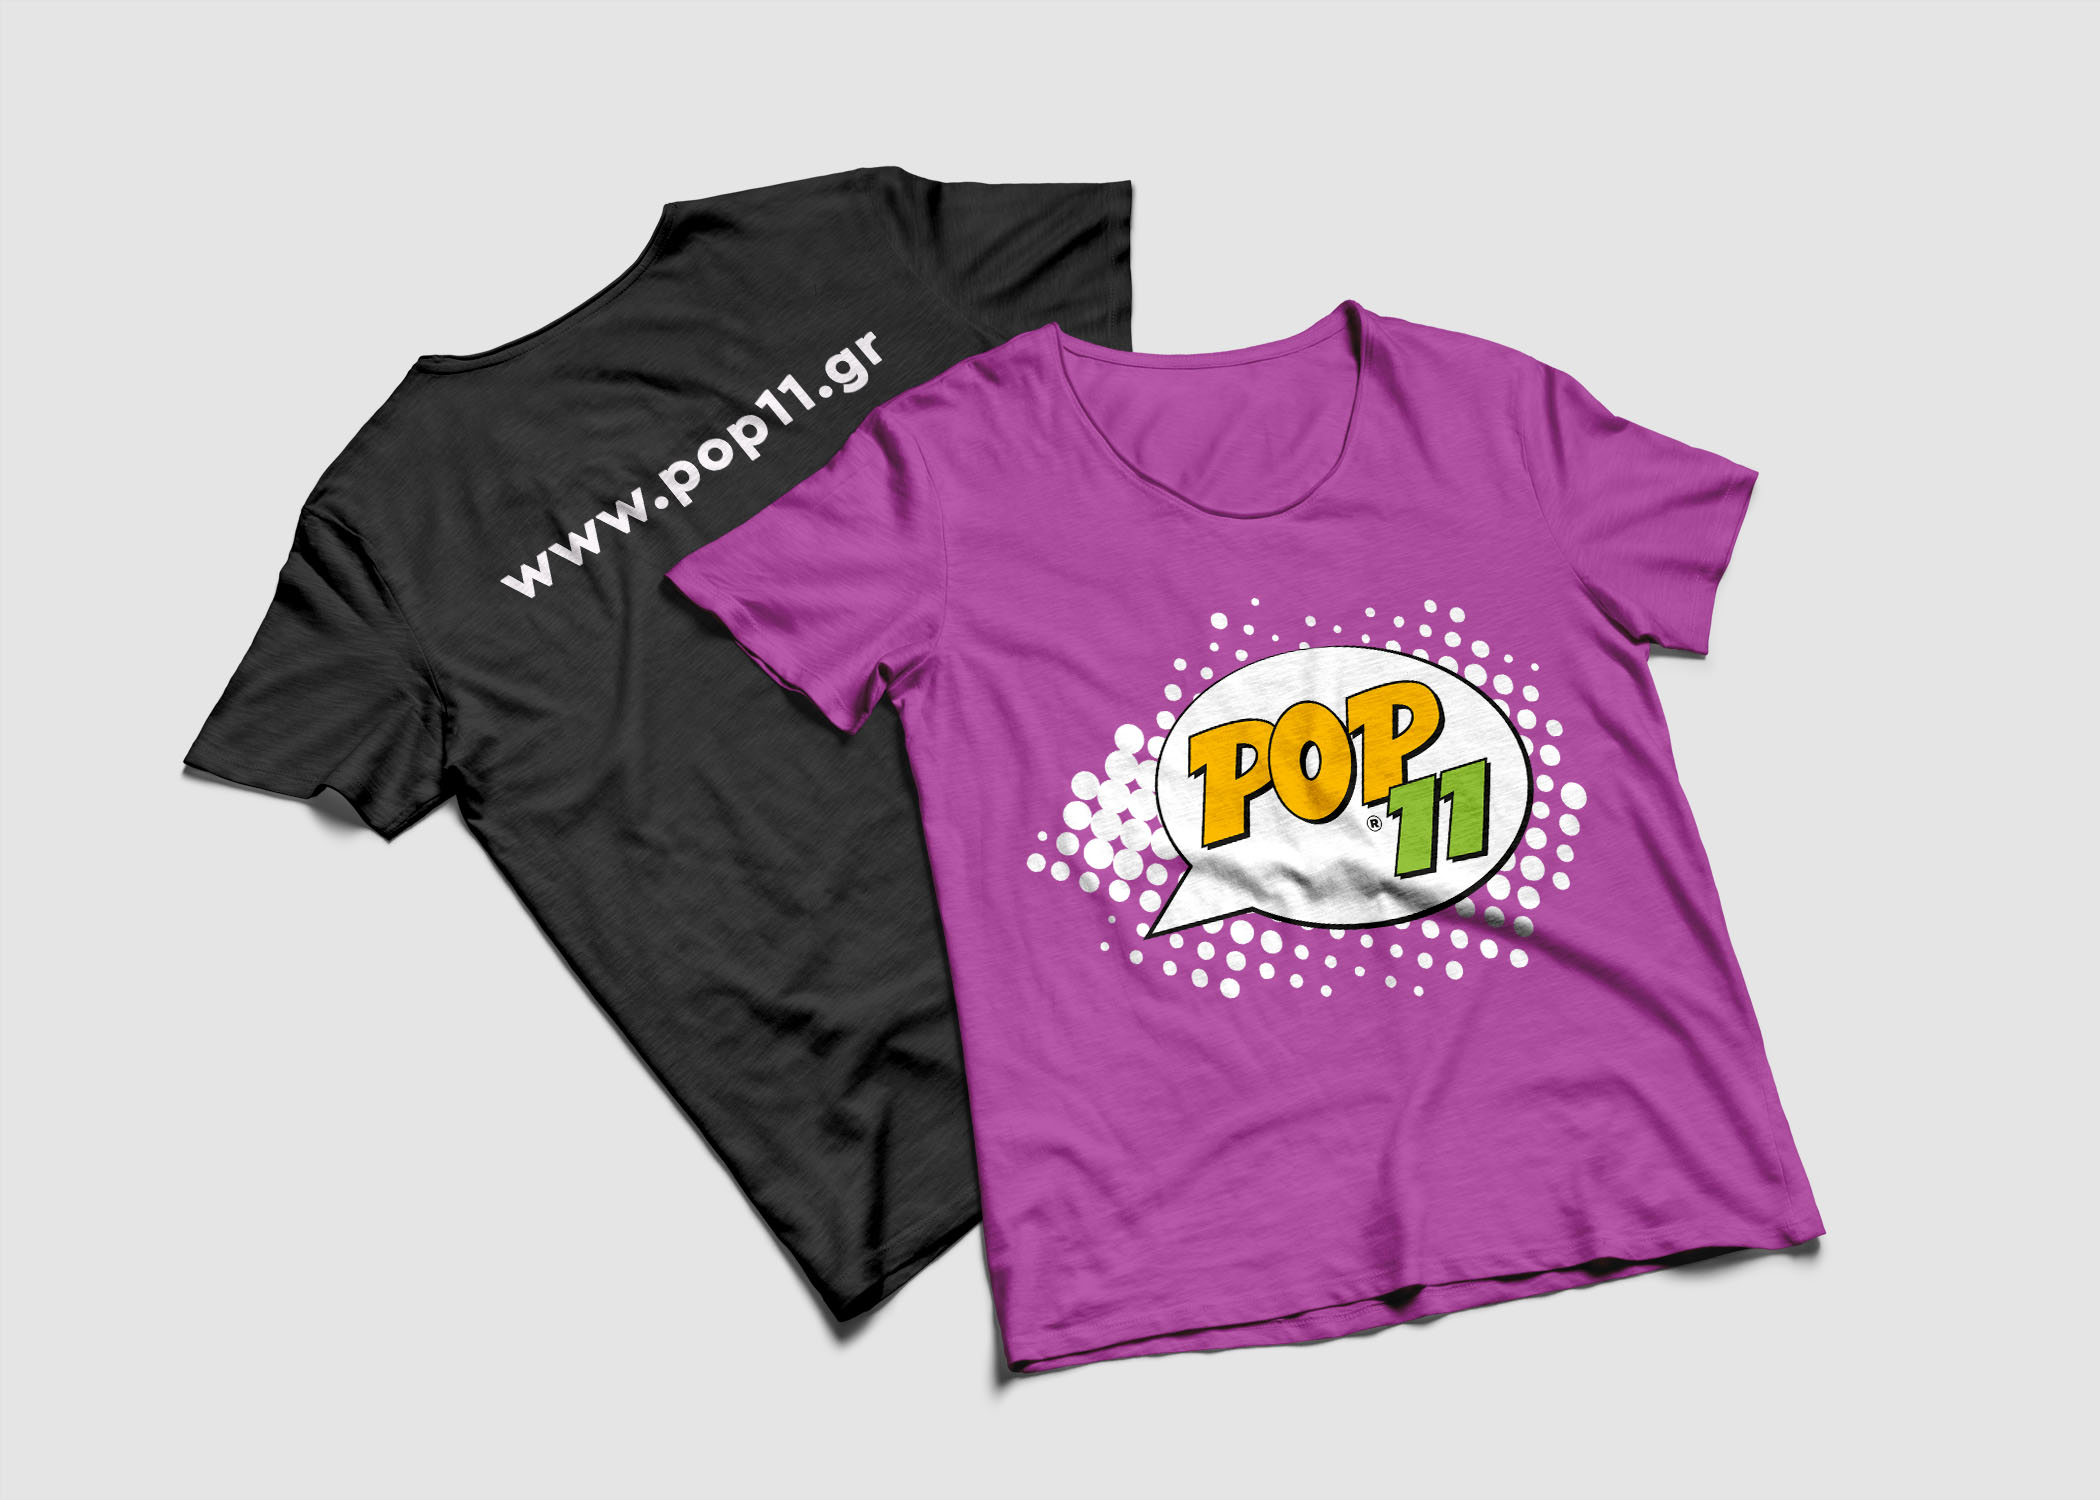 01 Tshirt Pop11 Digital Prints